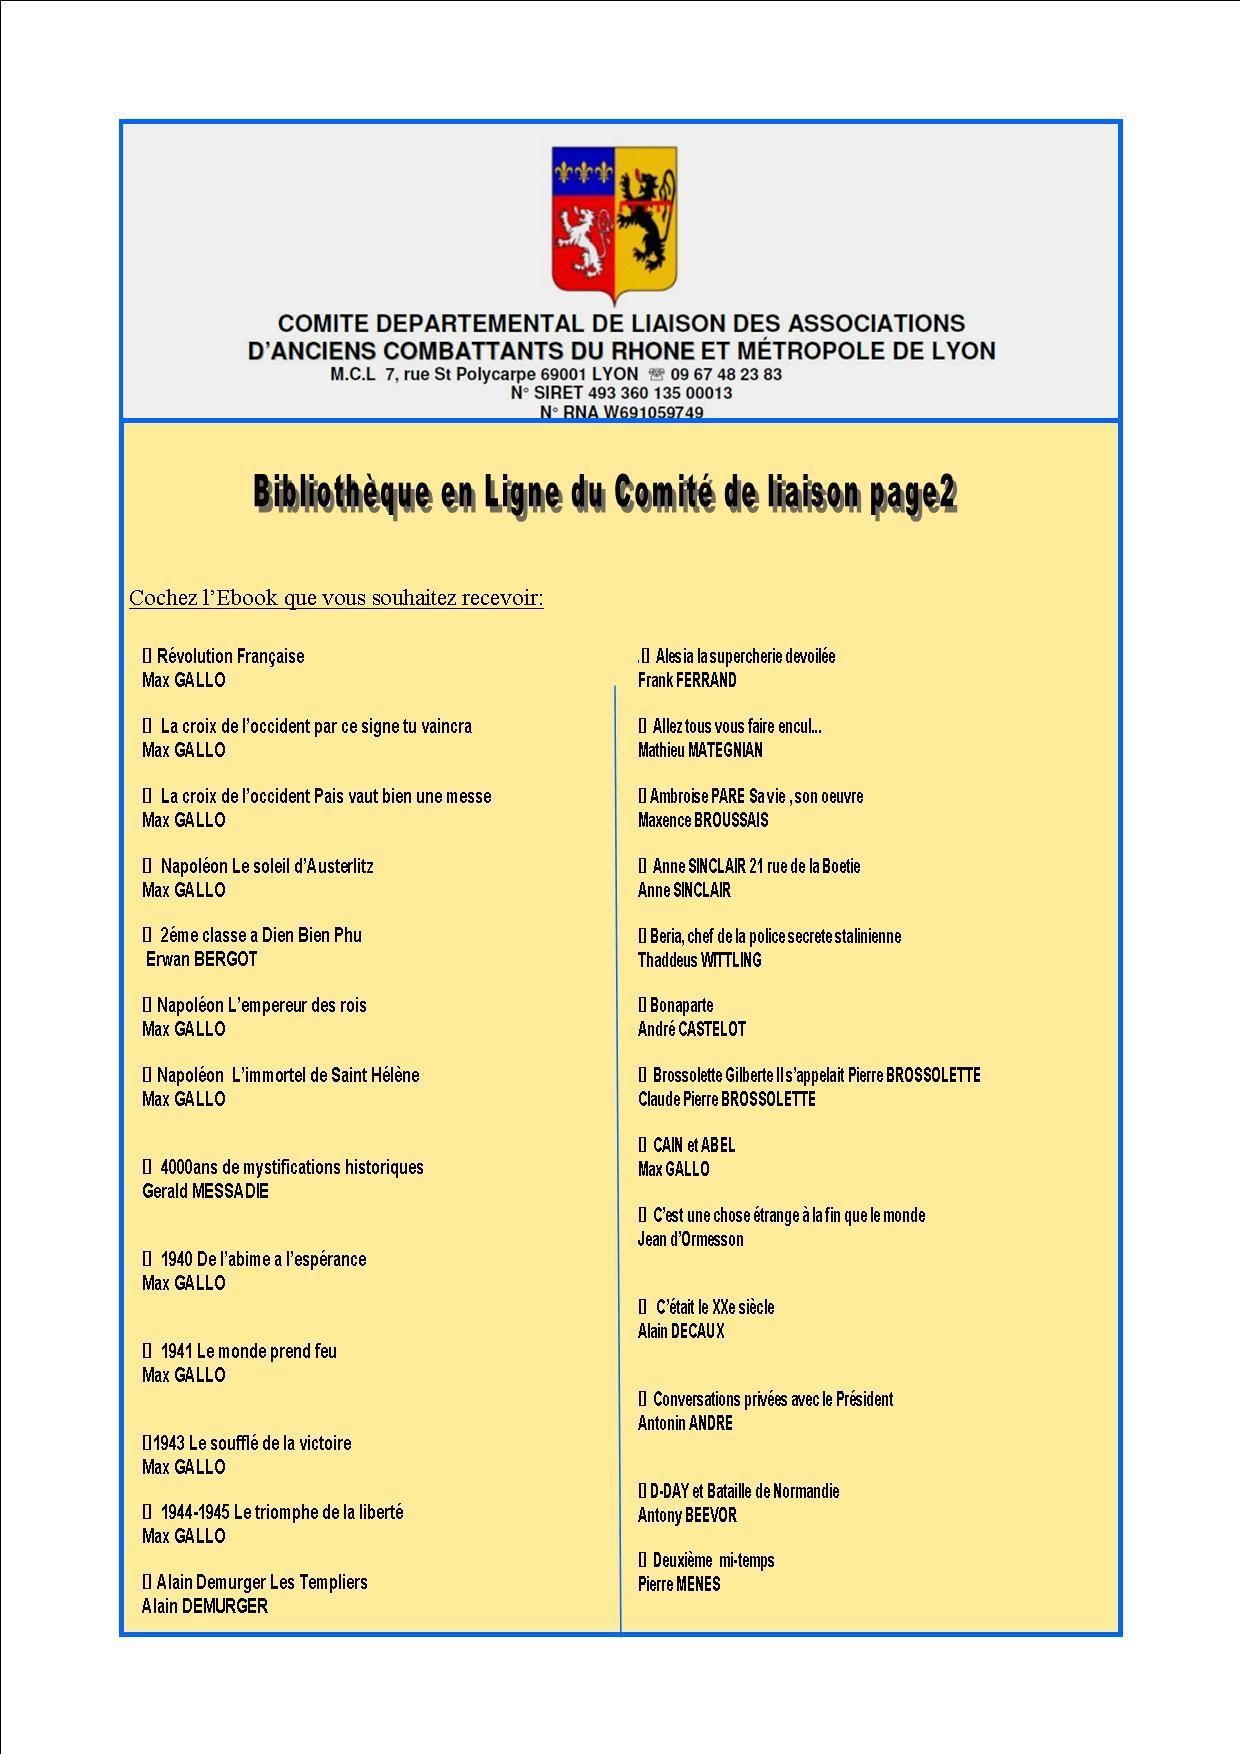 Bibliotheque en ligne du comite de liaison page2